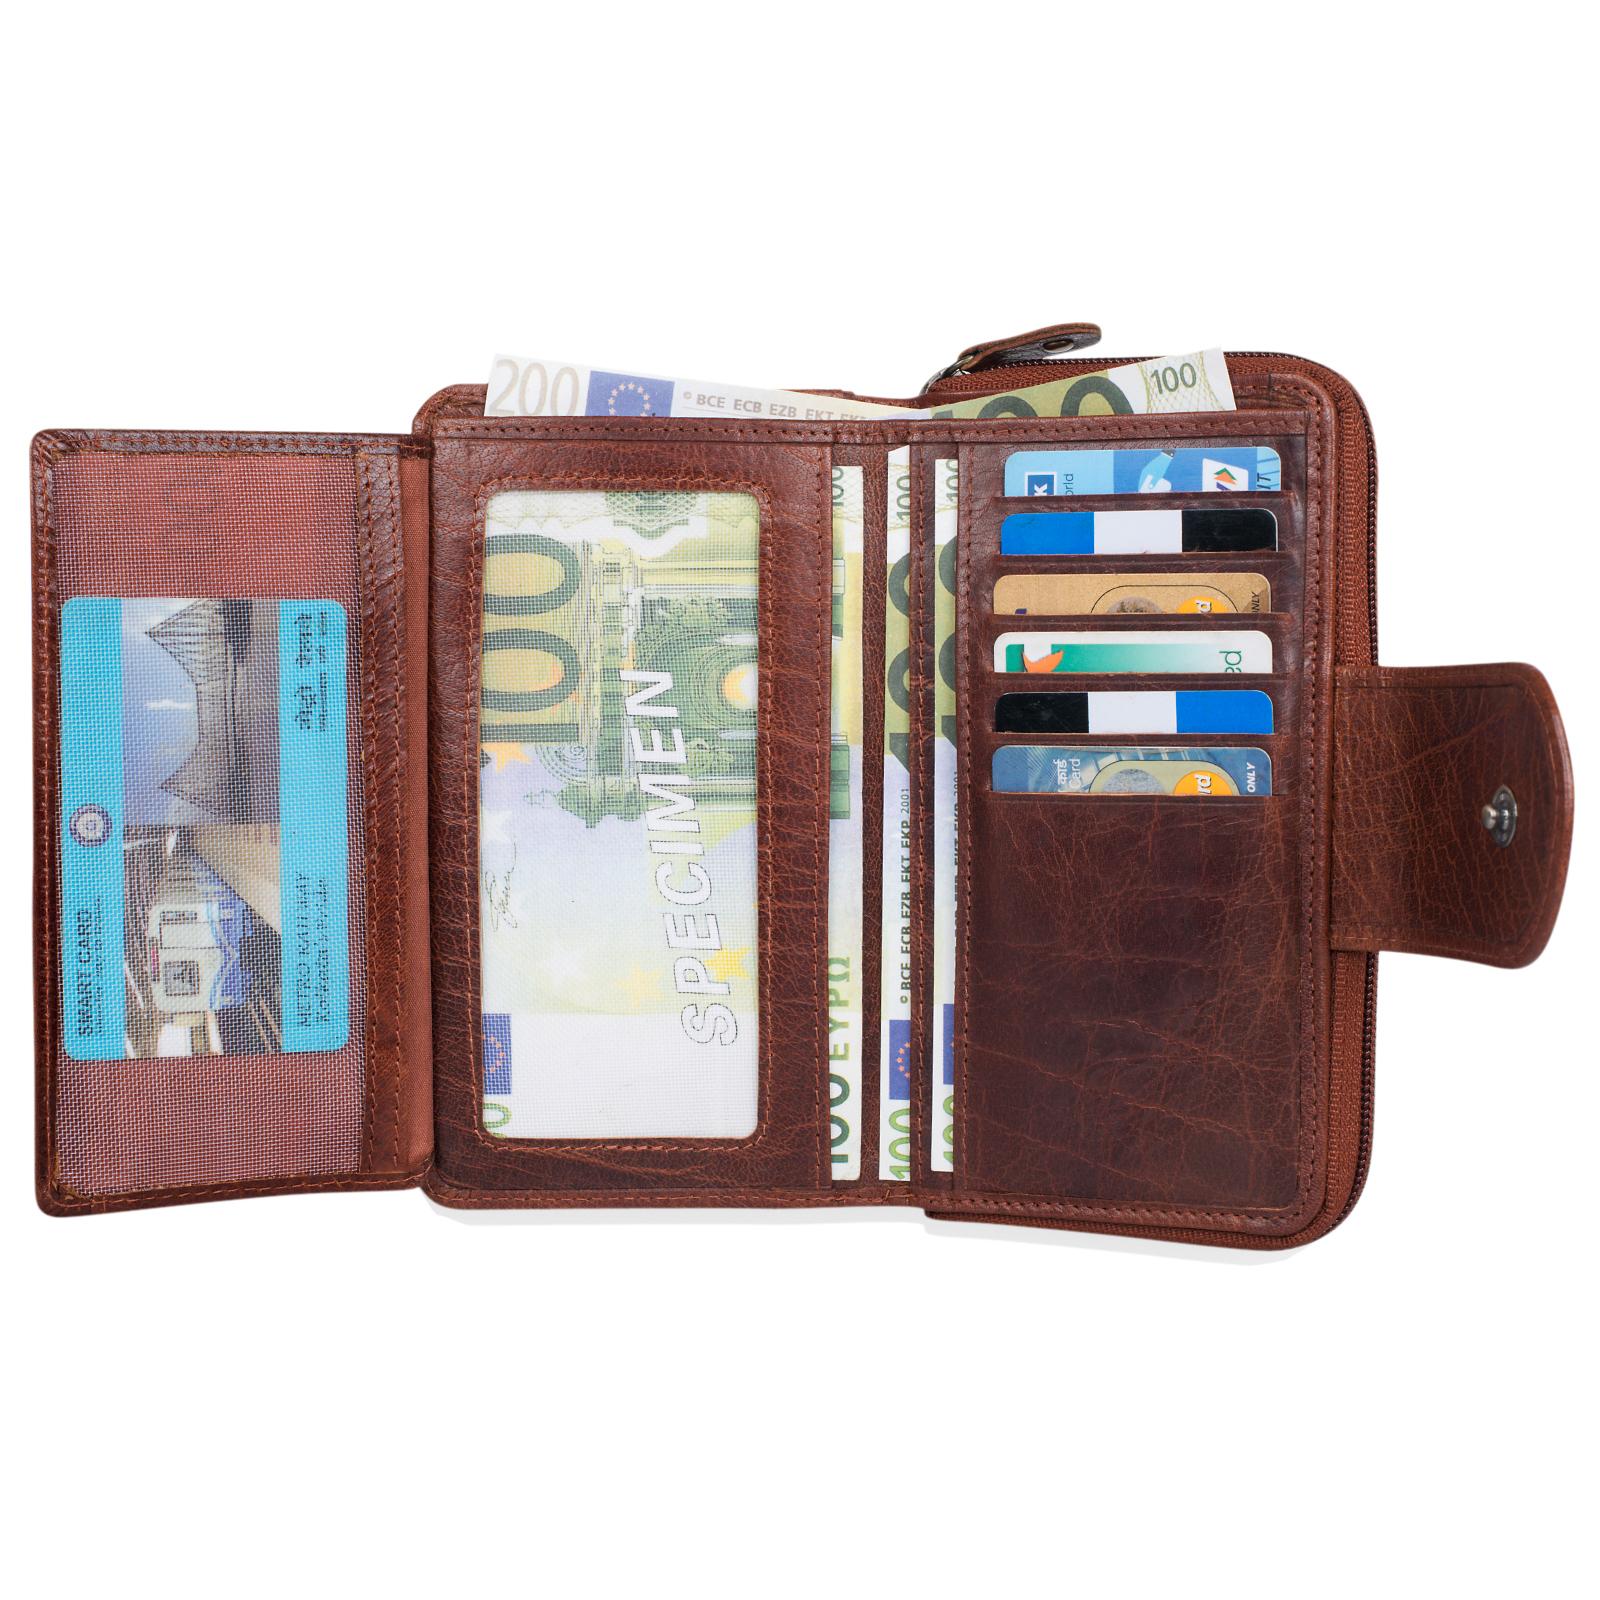 """STILORD """"Lena"""" Leder Portemonnaie Frauen Reißverschluss Vintage Geldbörse Echtleder große Brieftasche im Querformat mit vielen Fächern für Ausweis EC-Karten Bargeld - Bild 7"""